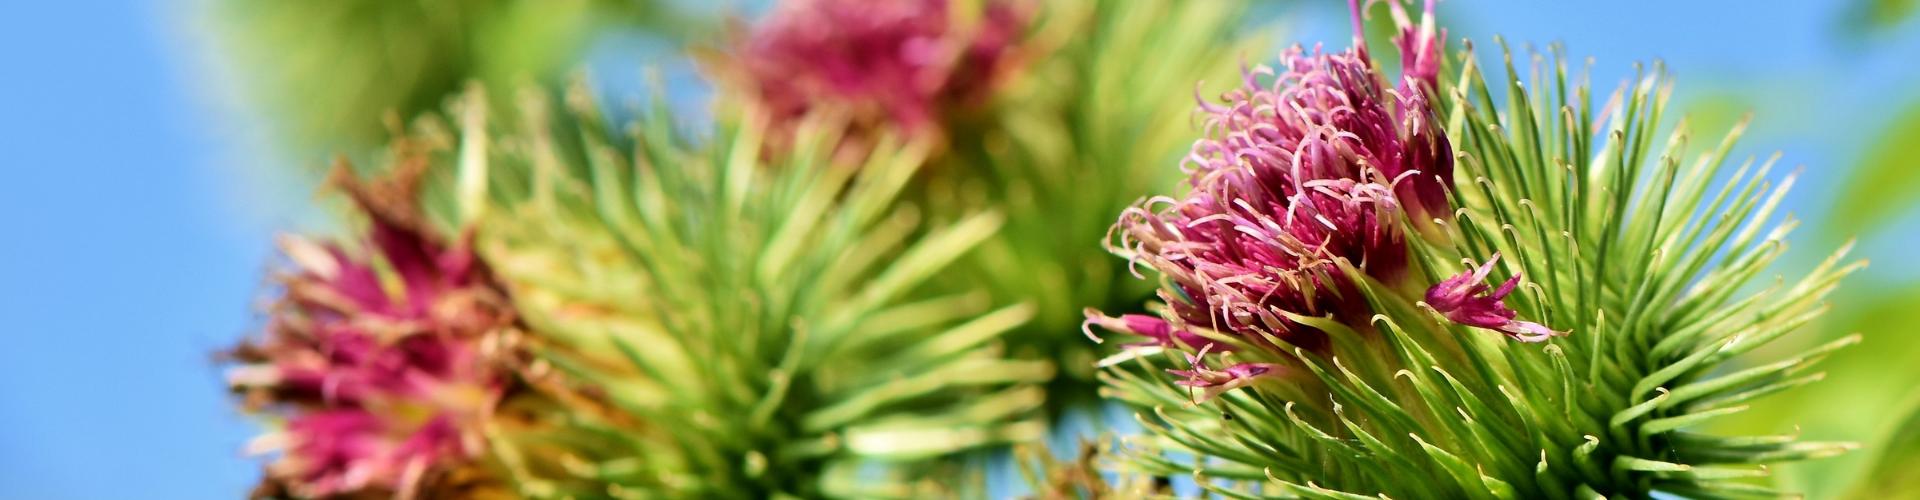 Les plantes sauvages du jardin: rendons justice aux «mauvaises herbes» ! - Blog - Dr. Jonquille & Mr. Ail